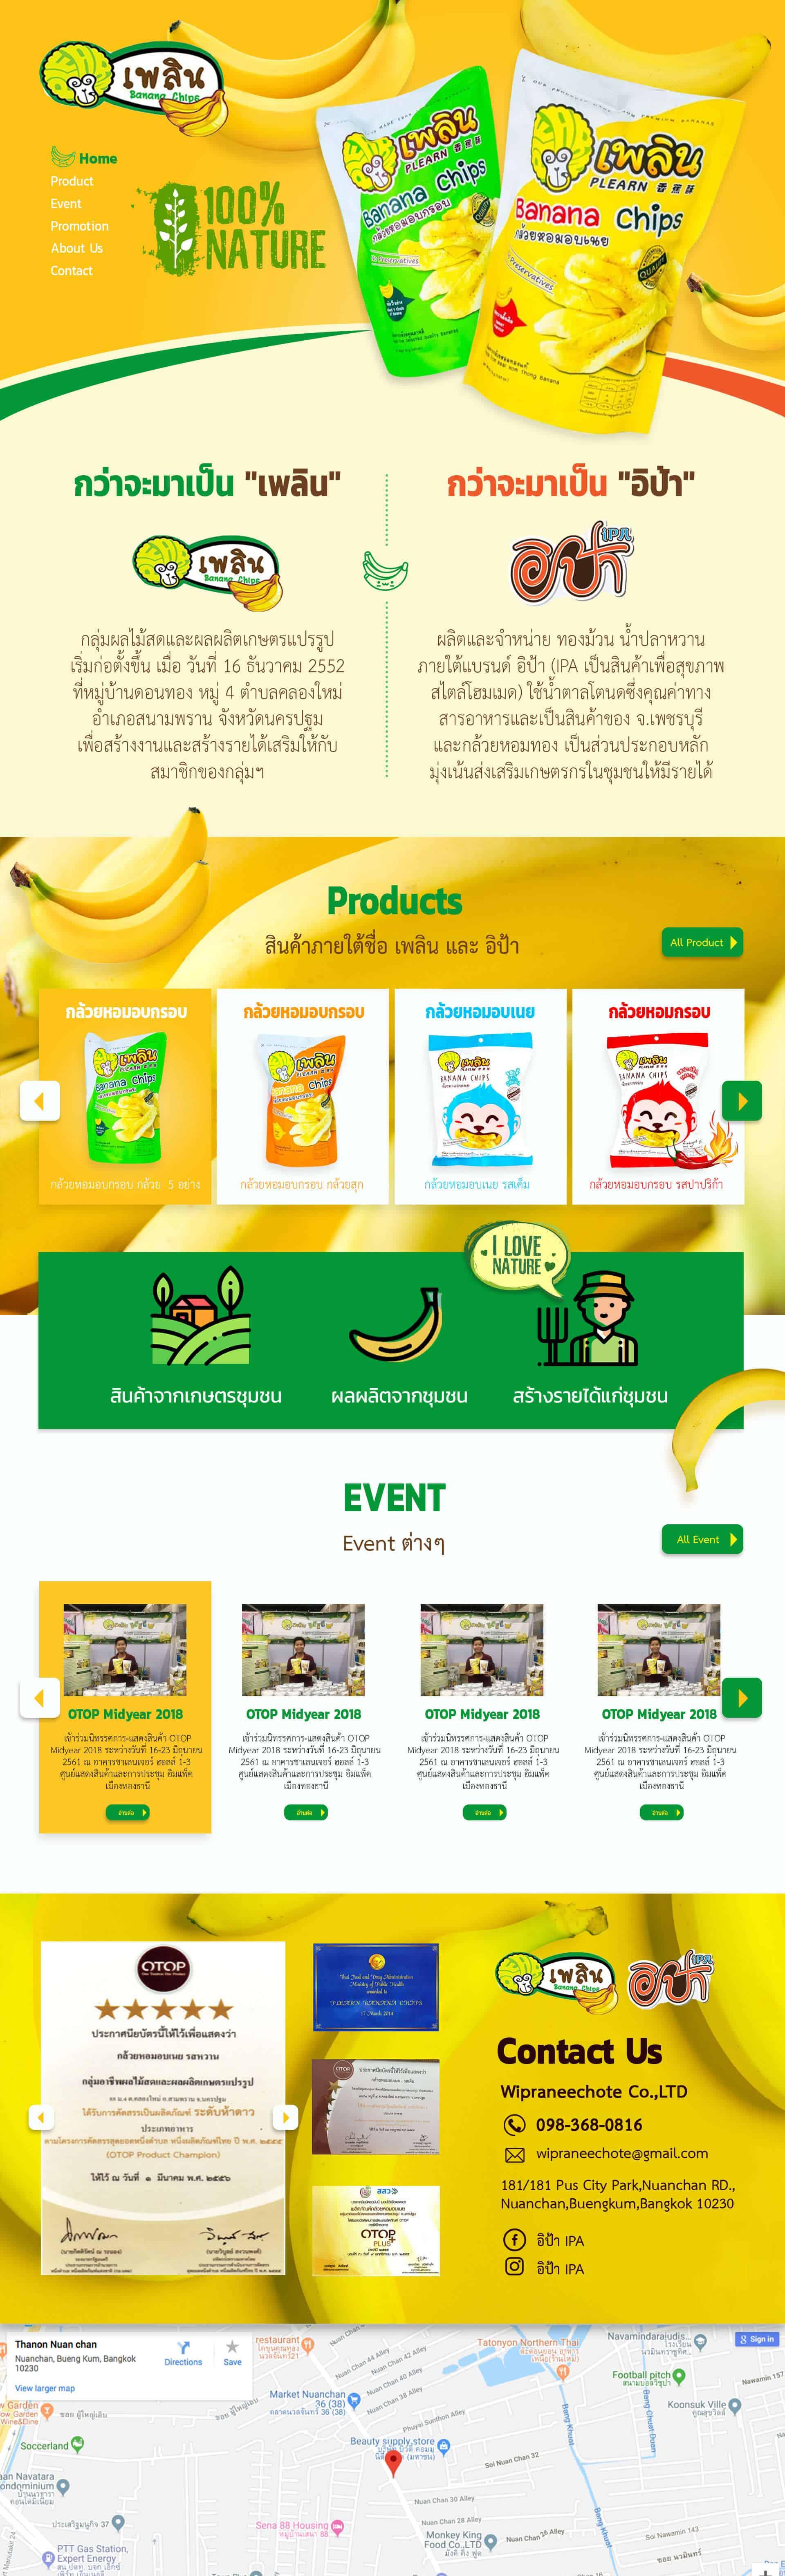 กล้วยหอมอบกรอบ   บริการรับทำเว็บไซต์ ออกแบบเว็บไซต์ teeneeweb.com